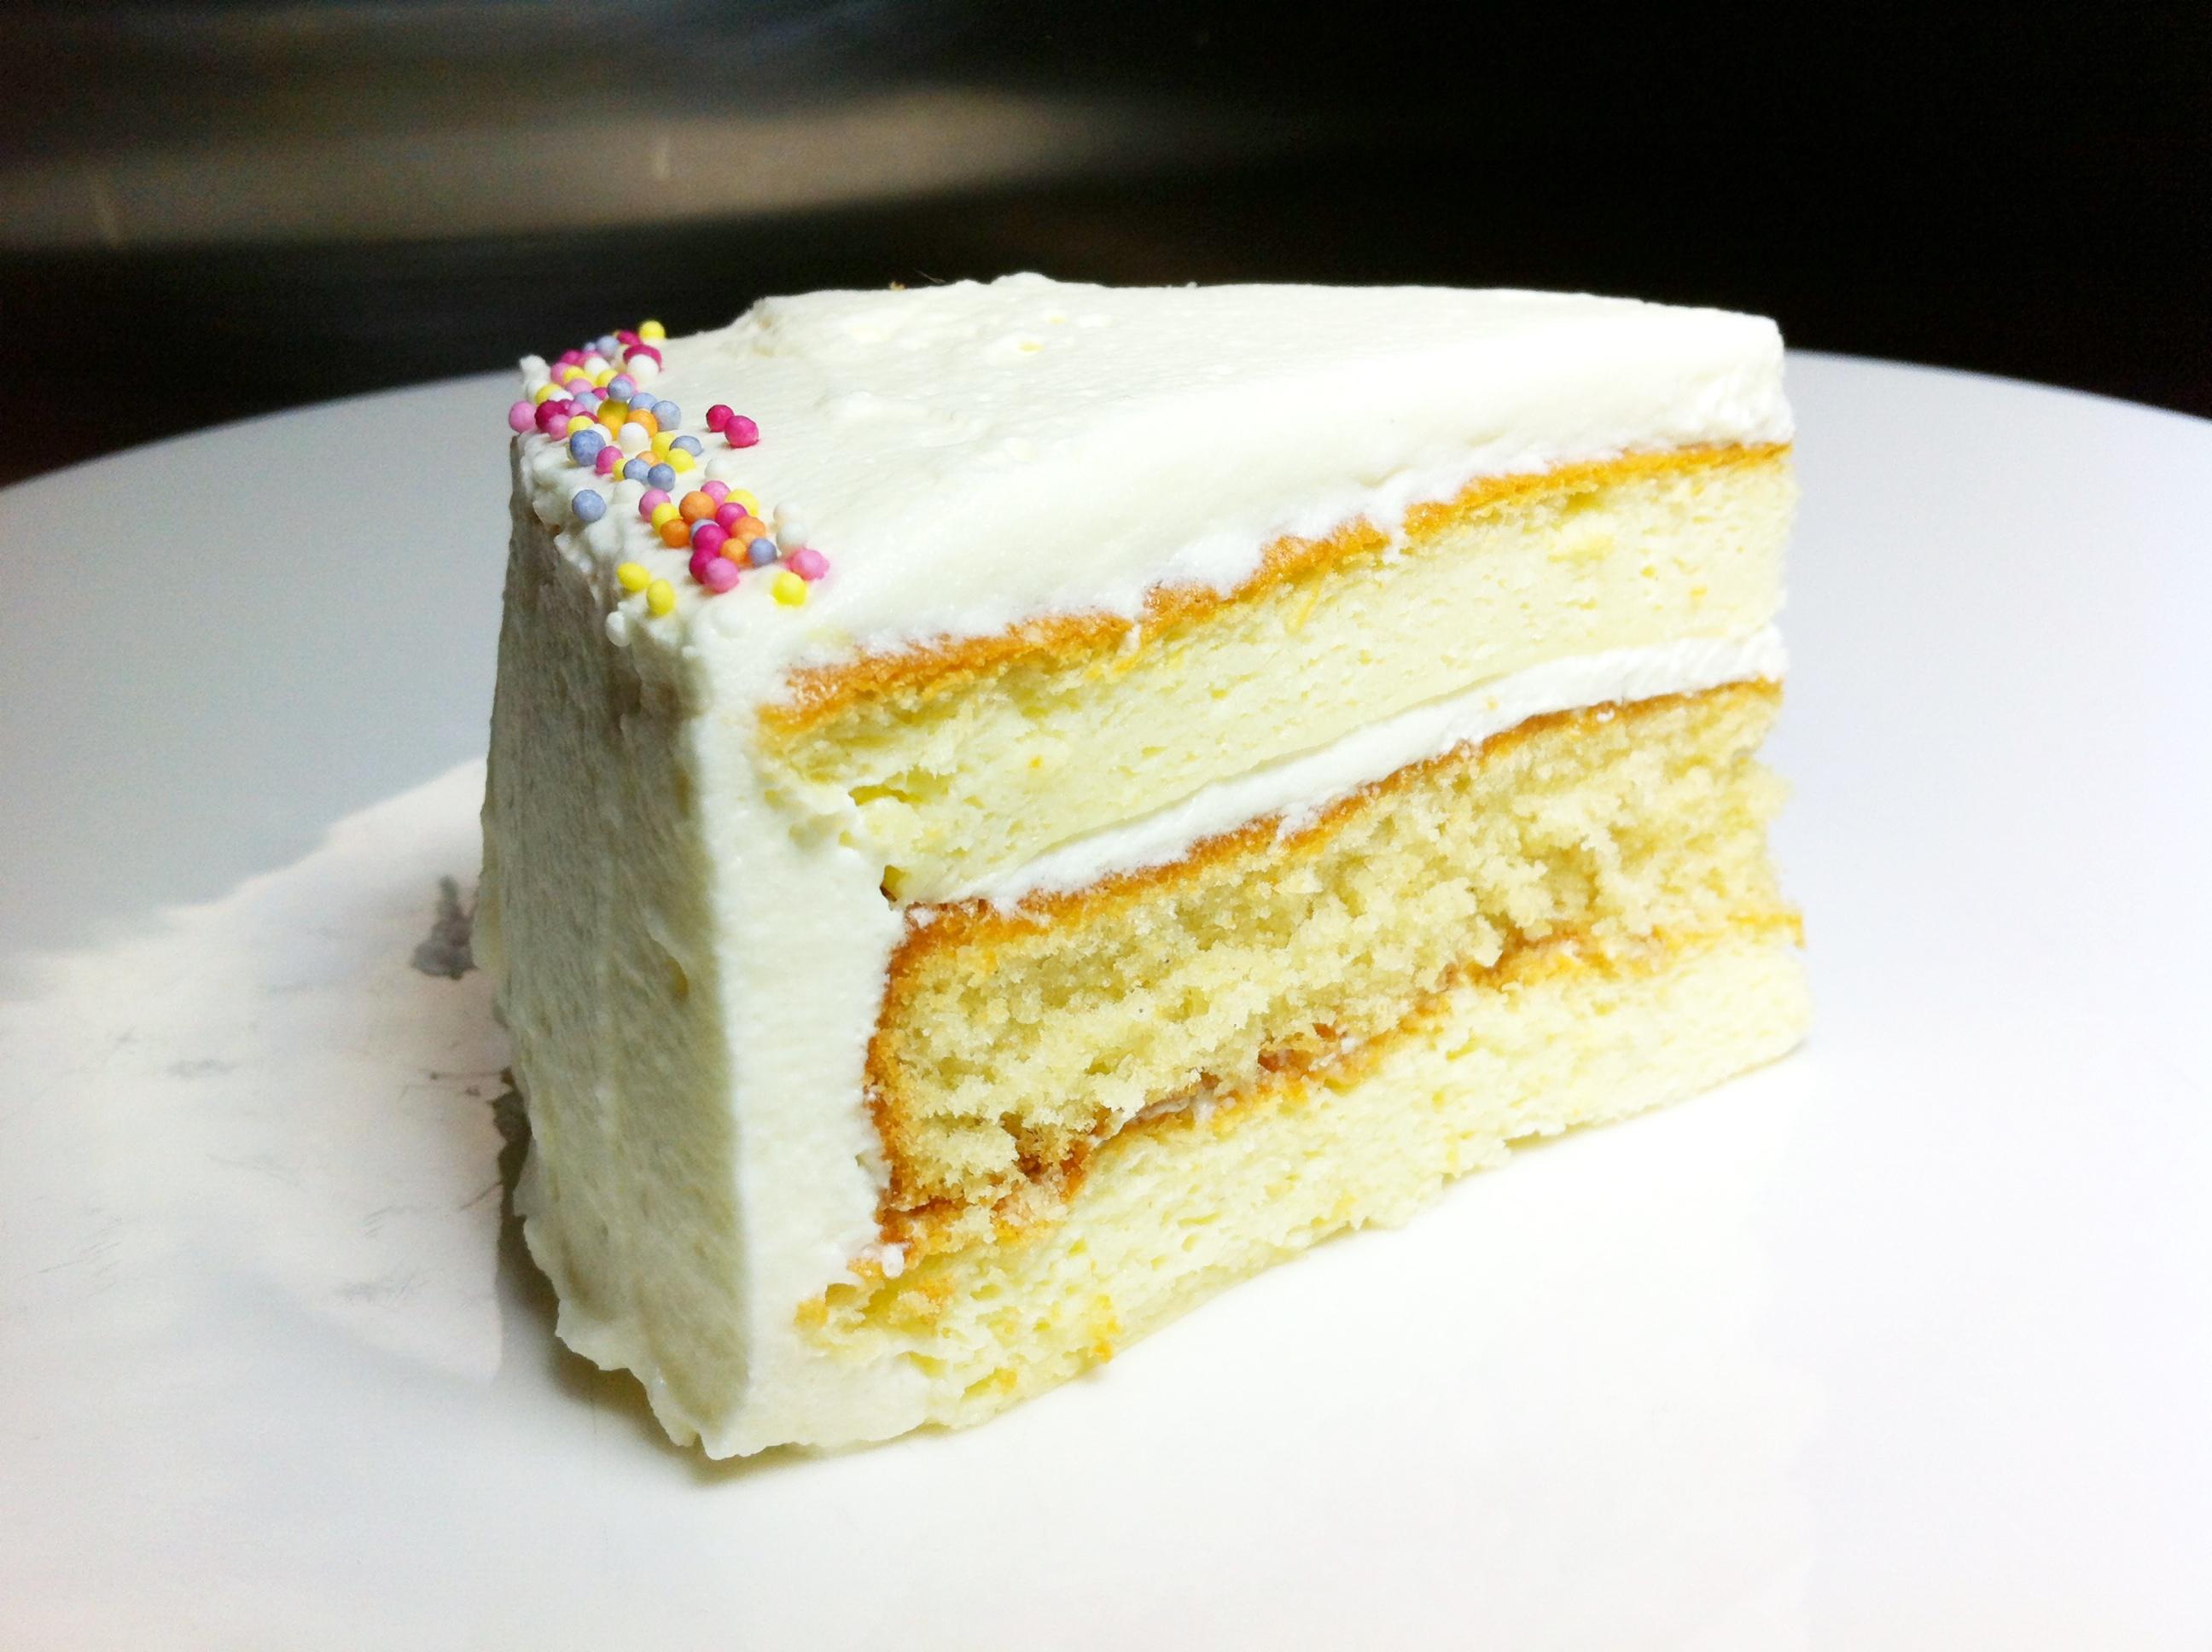 Cake And Cheesecake Layered